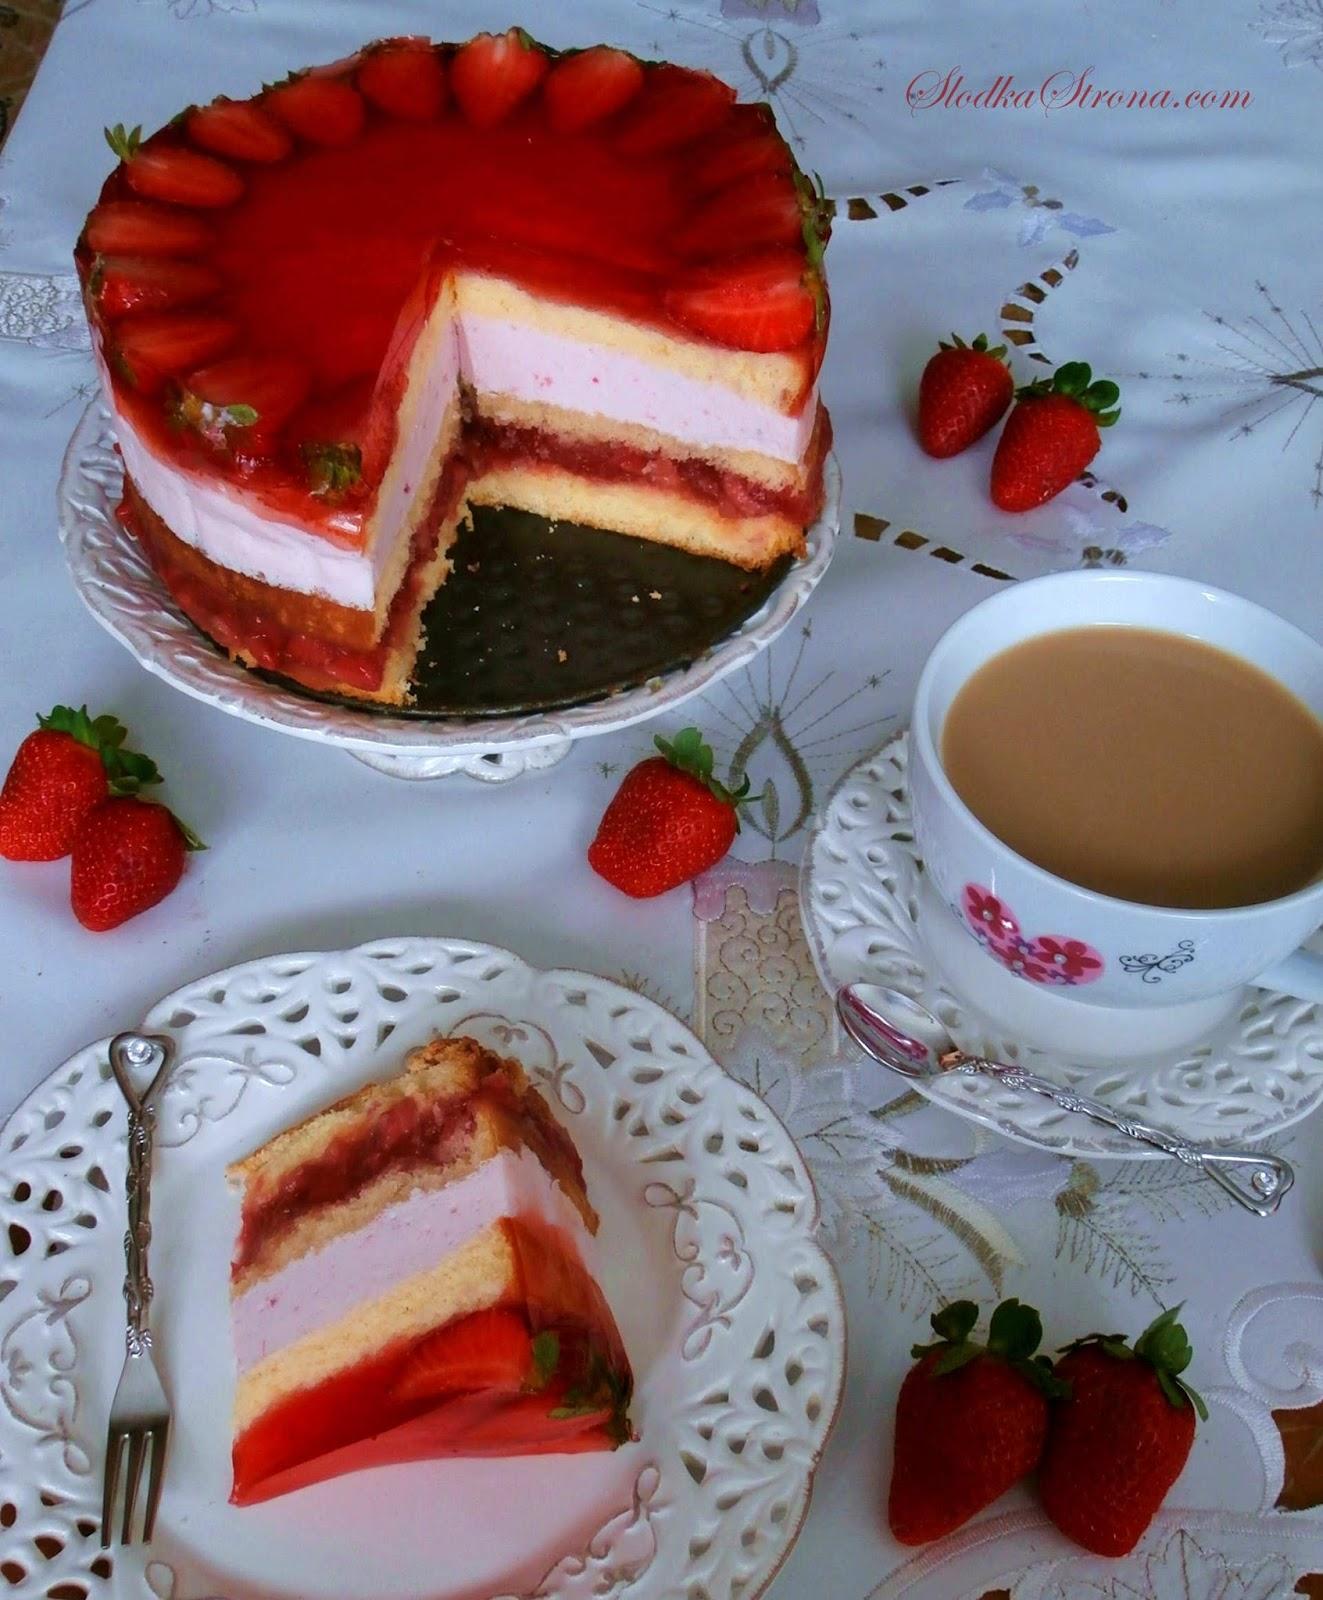 Tort Truskawkowy na Biszkopcie z Kremem Jogurtowym, Masą z Frugo i Kawałkami Owoców - Przepis - Słodka Strona